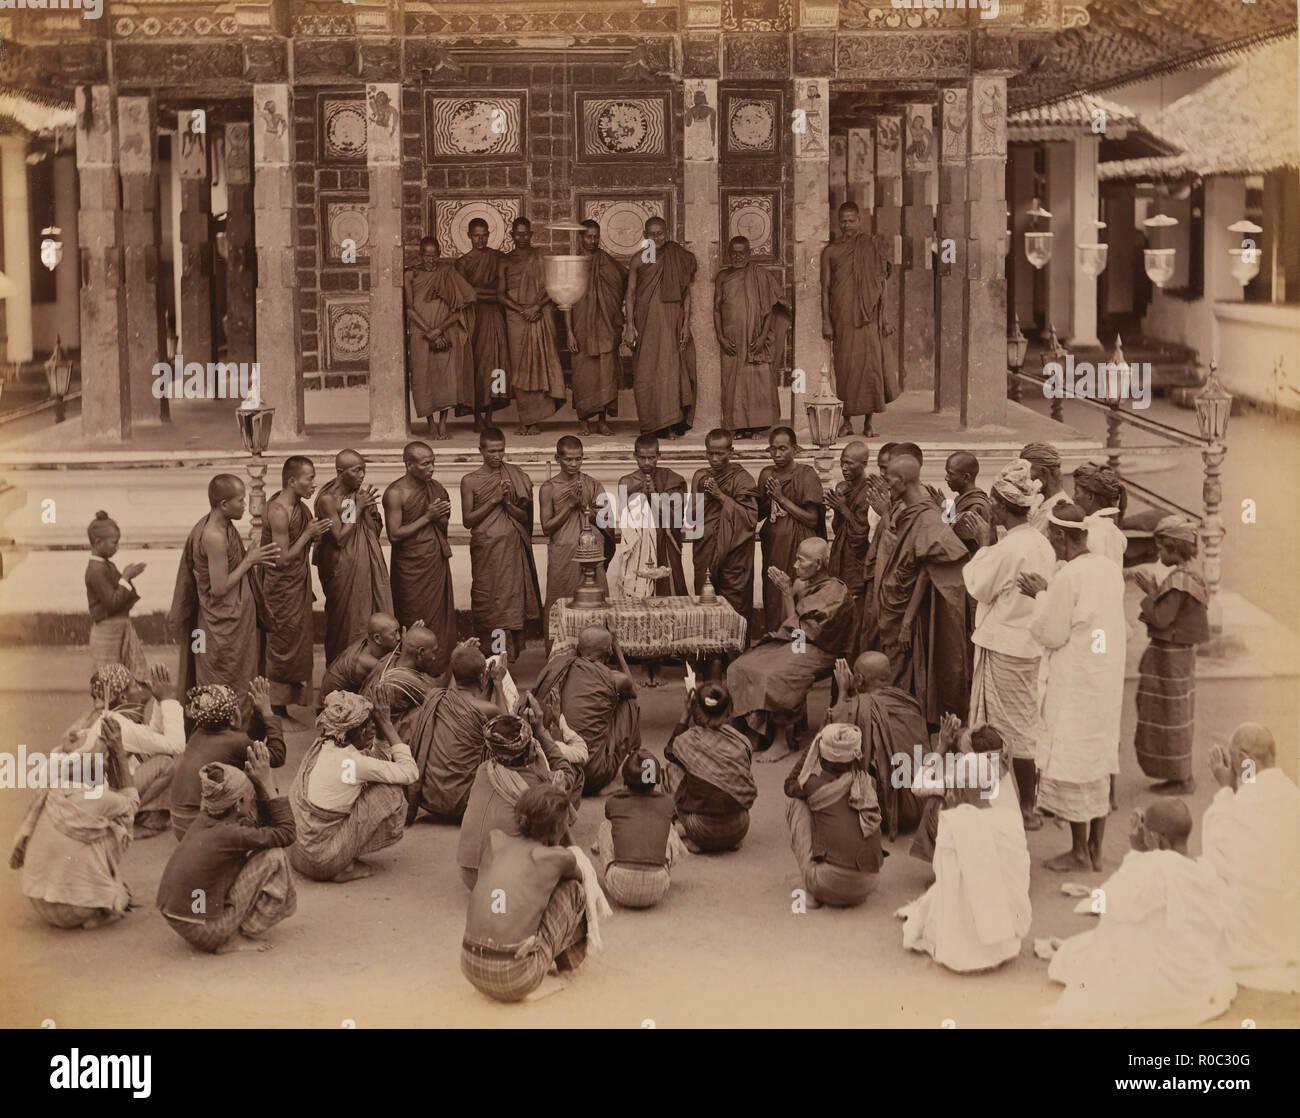 Group of Buddhist Monks in Prayer, Sri Lanka - Stock Image